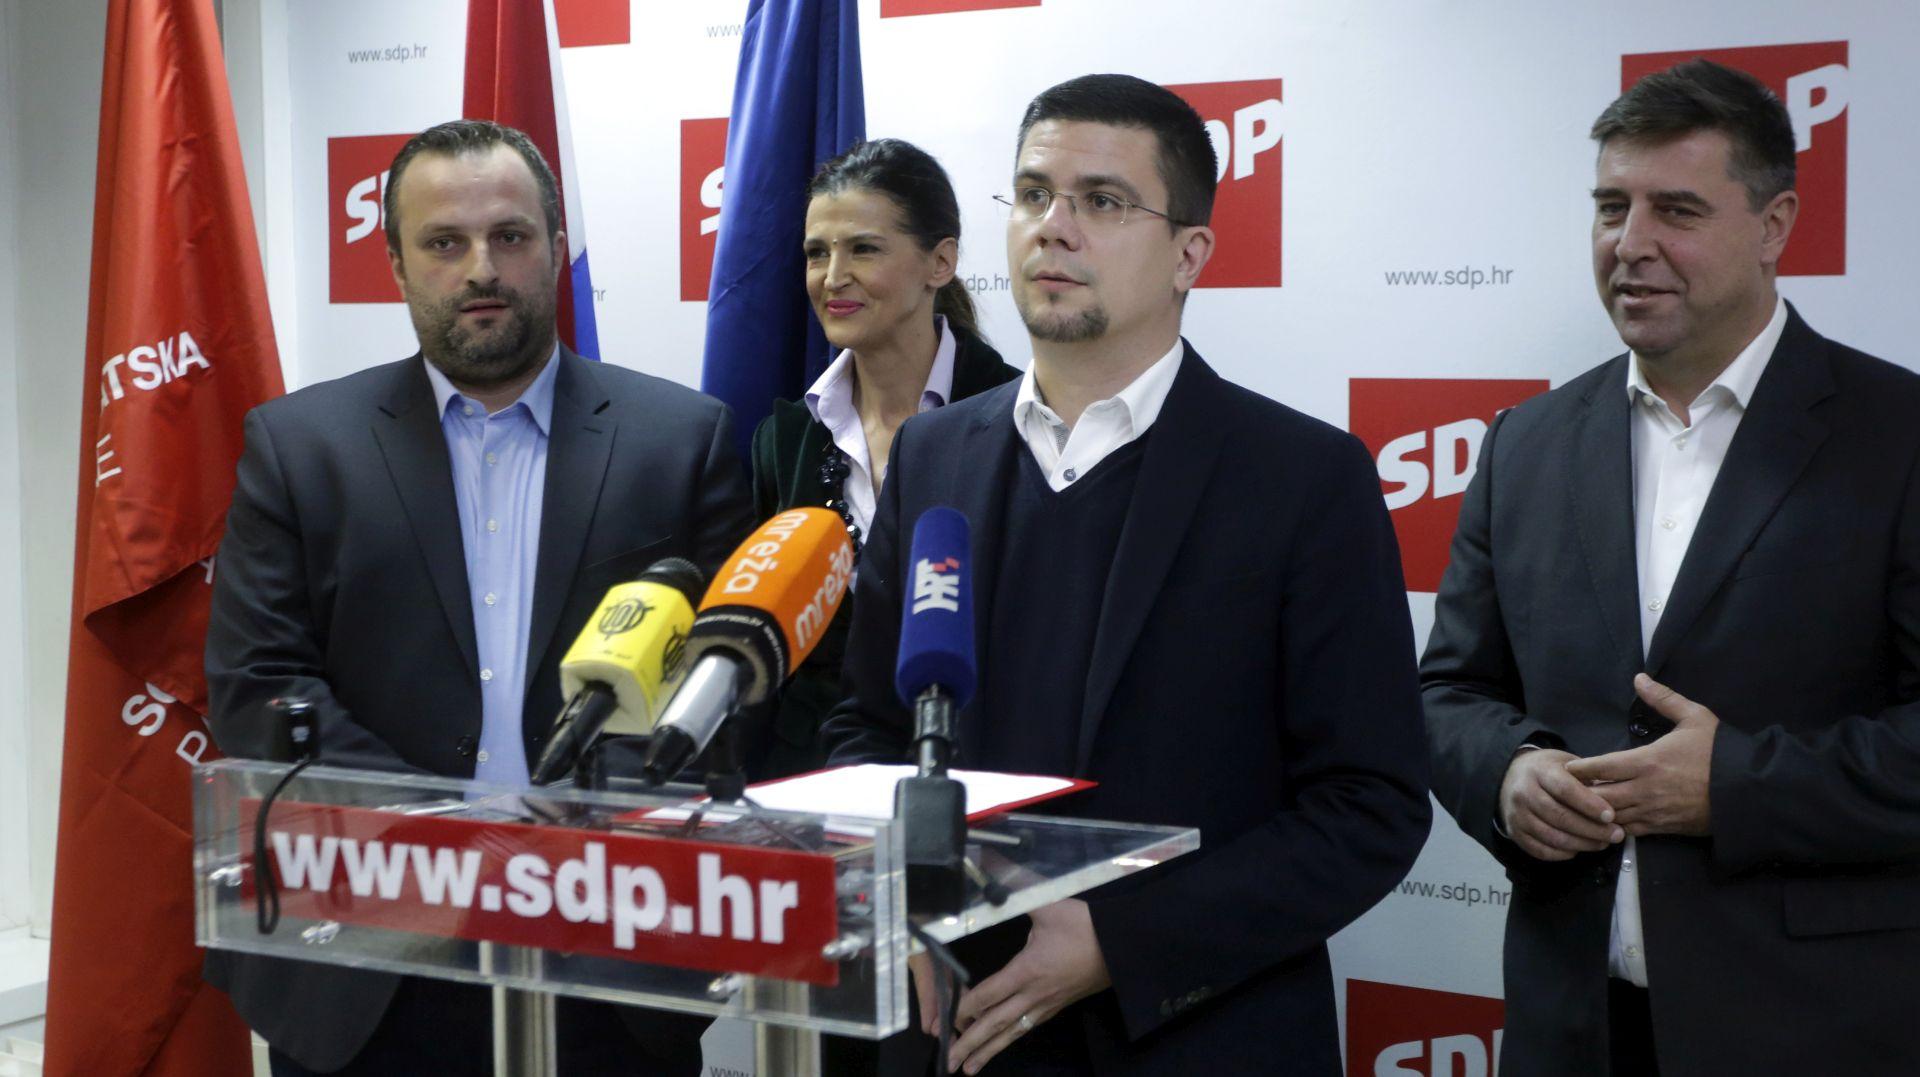 IZBORI U SDP-u: Hajduković odustao od kandidature za predsjednika stranke i podržao Bernardića